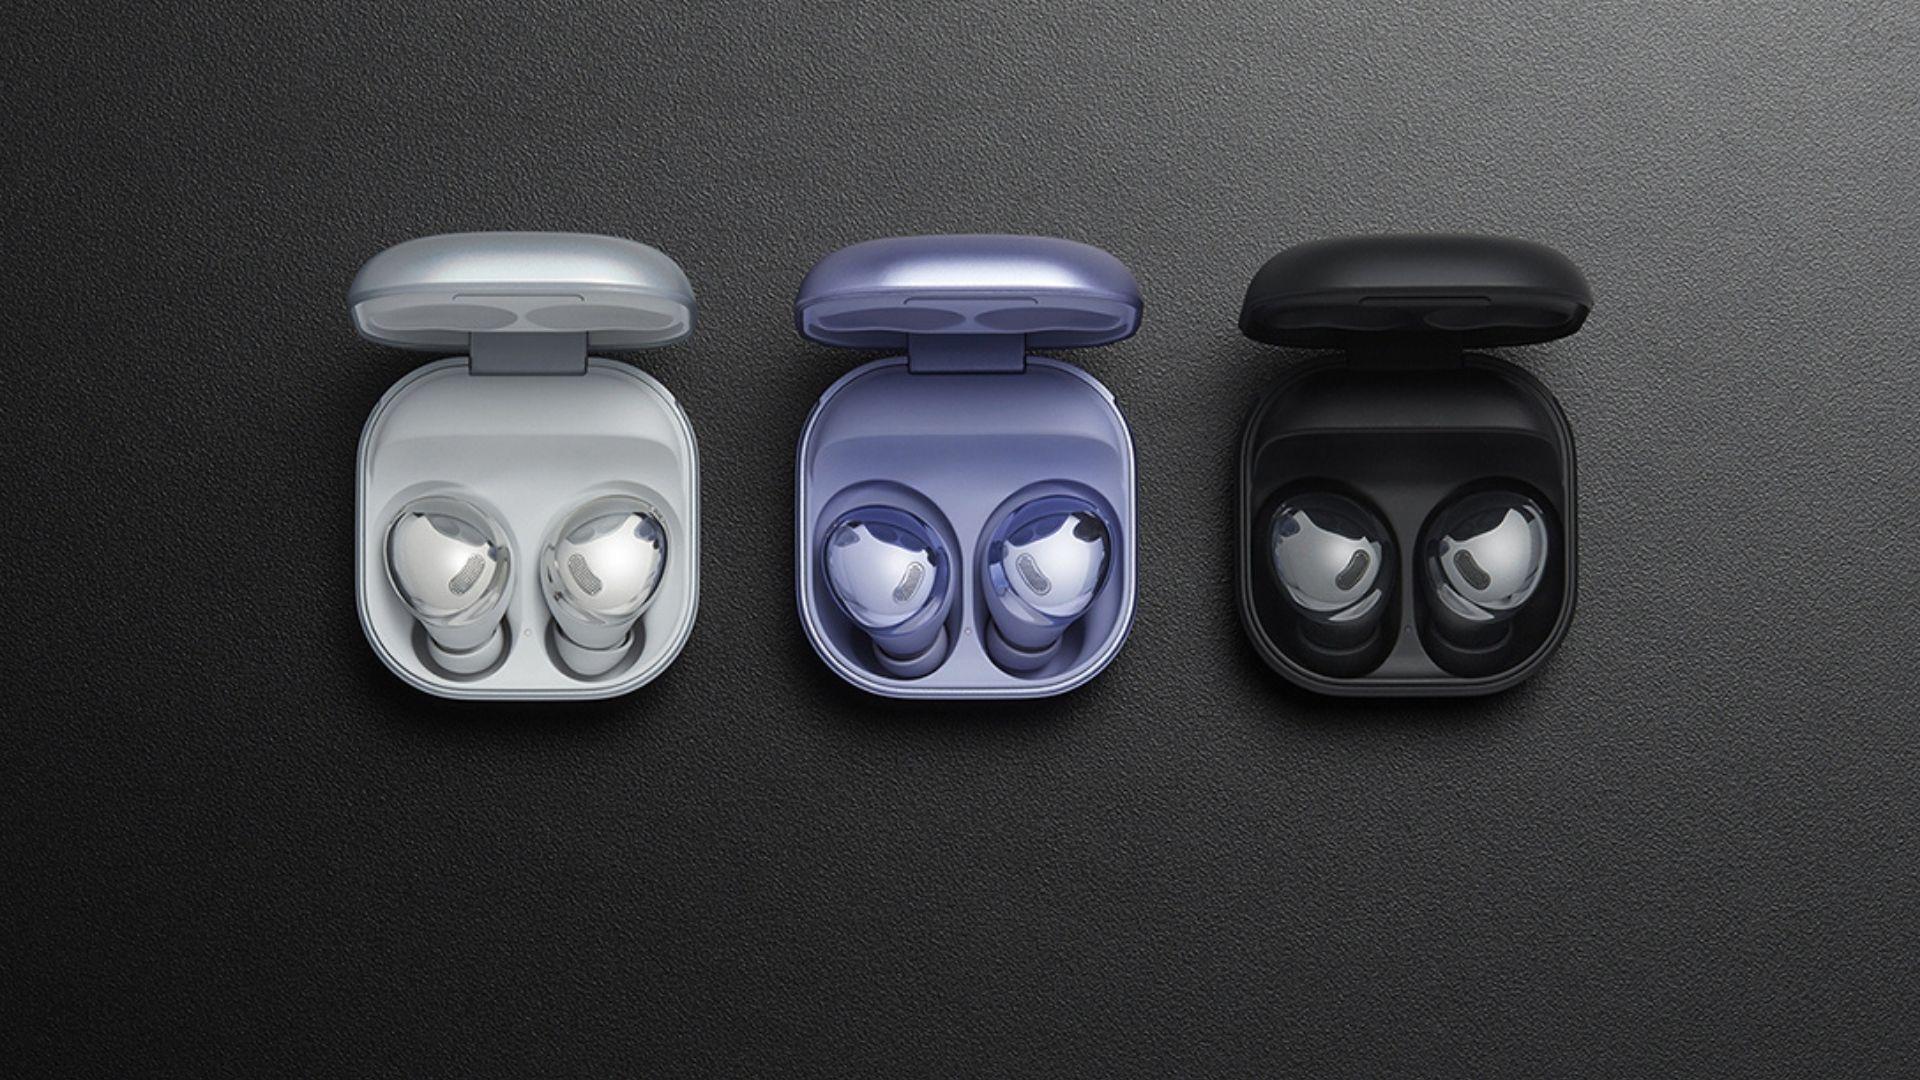 Galaxy Buds Pro chega em três opções de cores (Foto: Divulgação/Samsung)